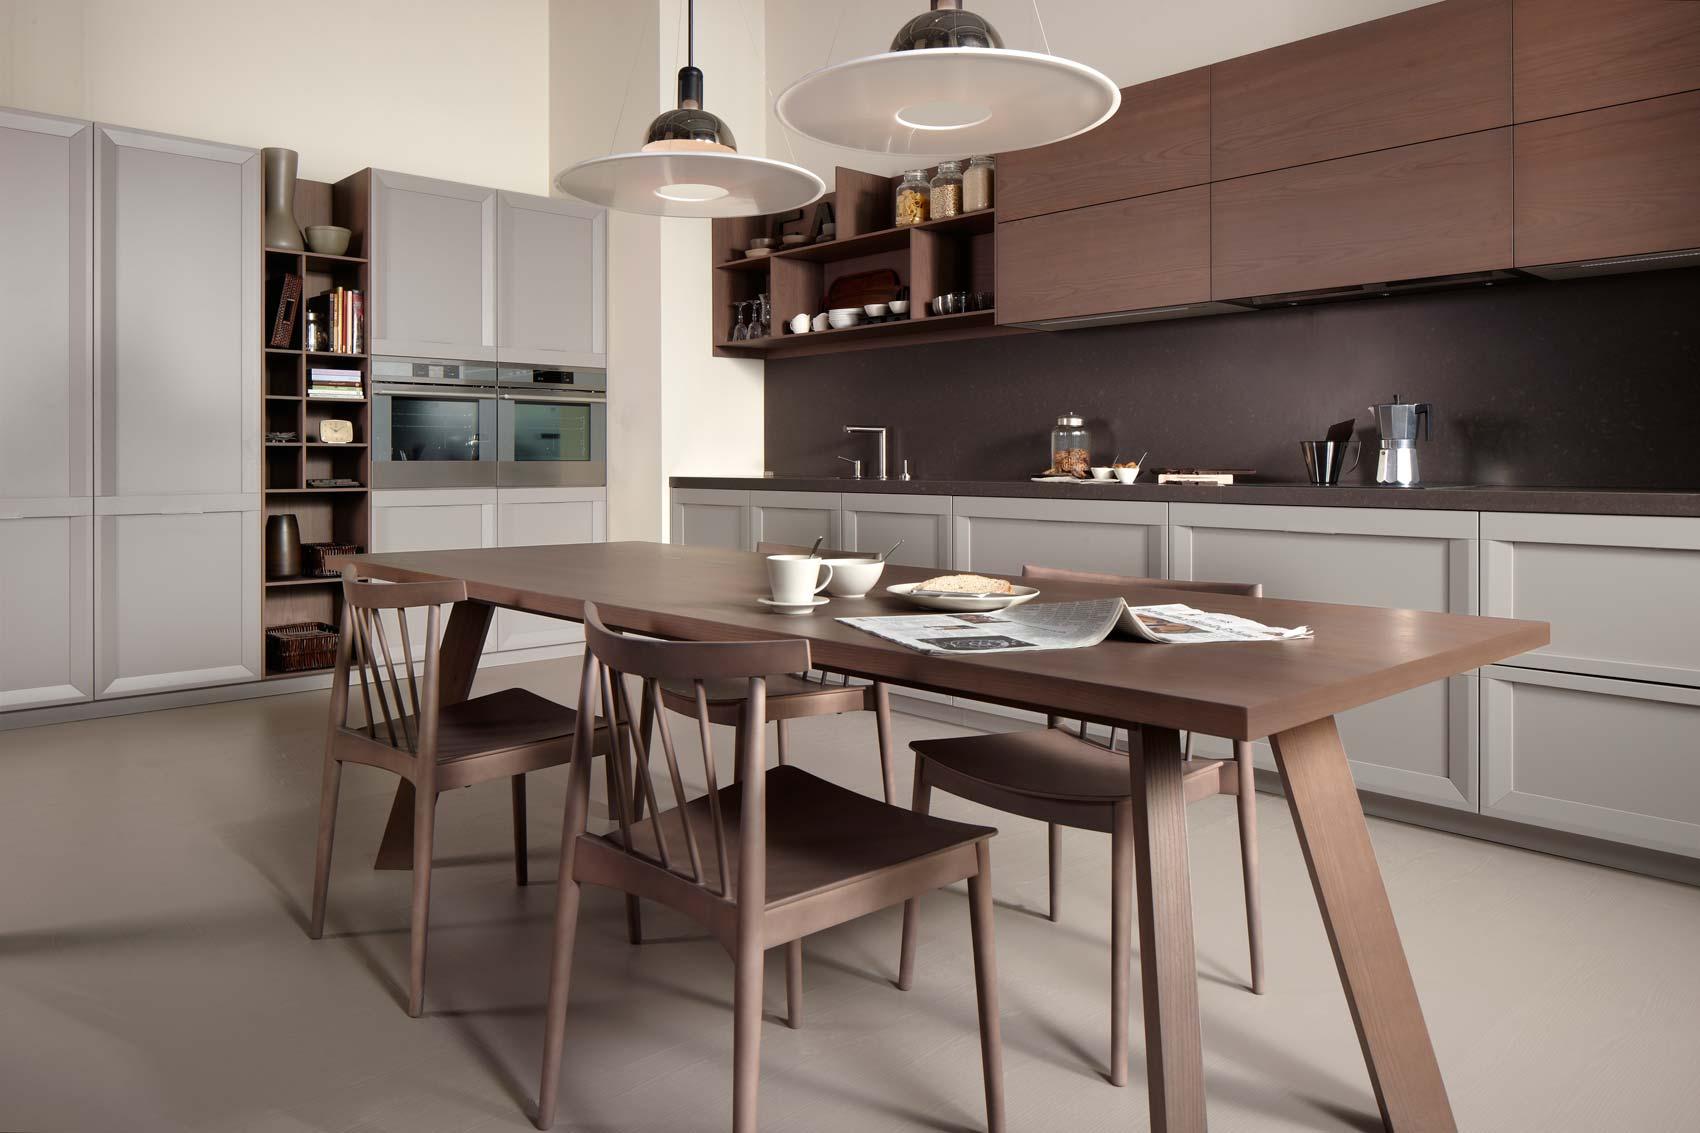 Decotips tendencias en cocinas para 2018 virlova style - Cocinas nuevas tendencias ...